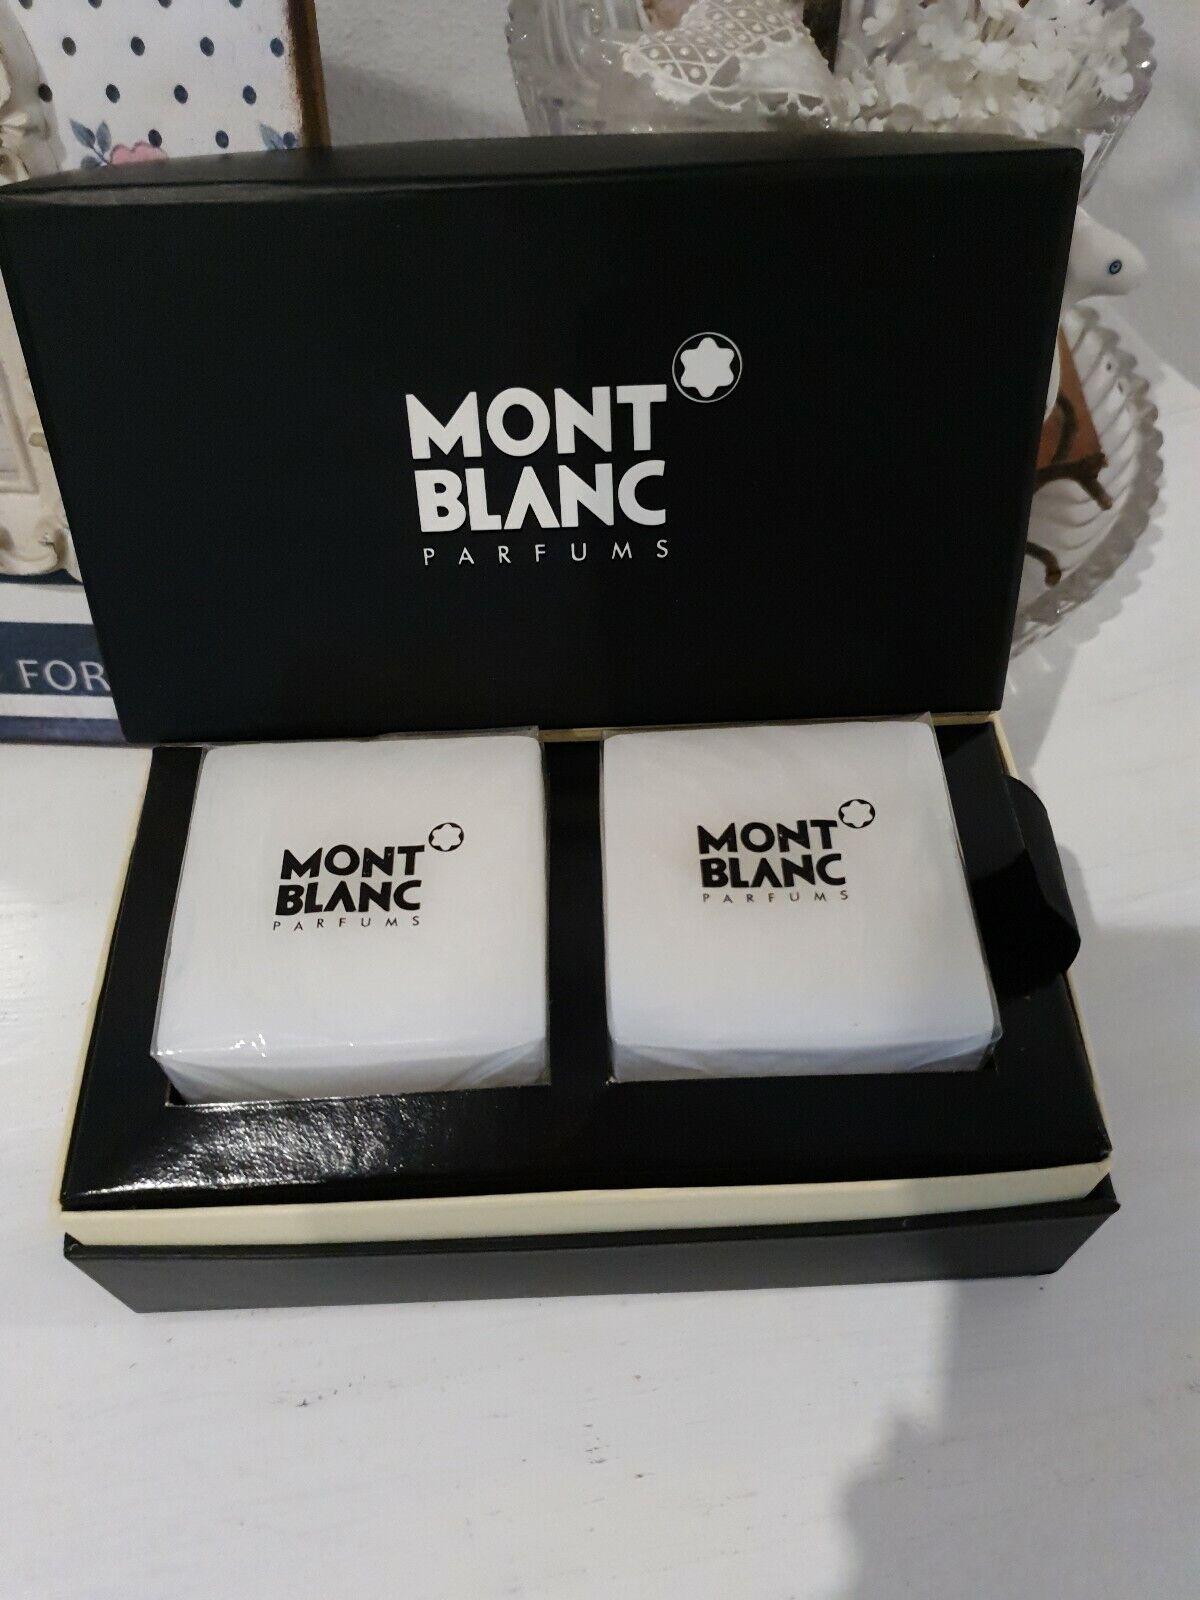 MONT Weiß Parfums Duftkerze Set Kerzenteller Neu OVP